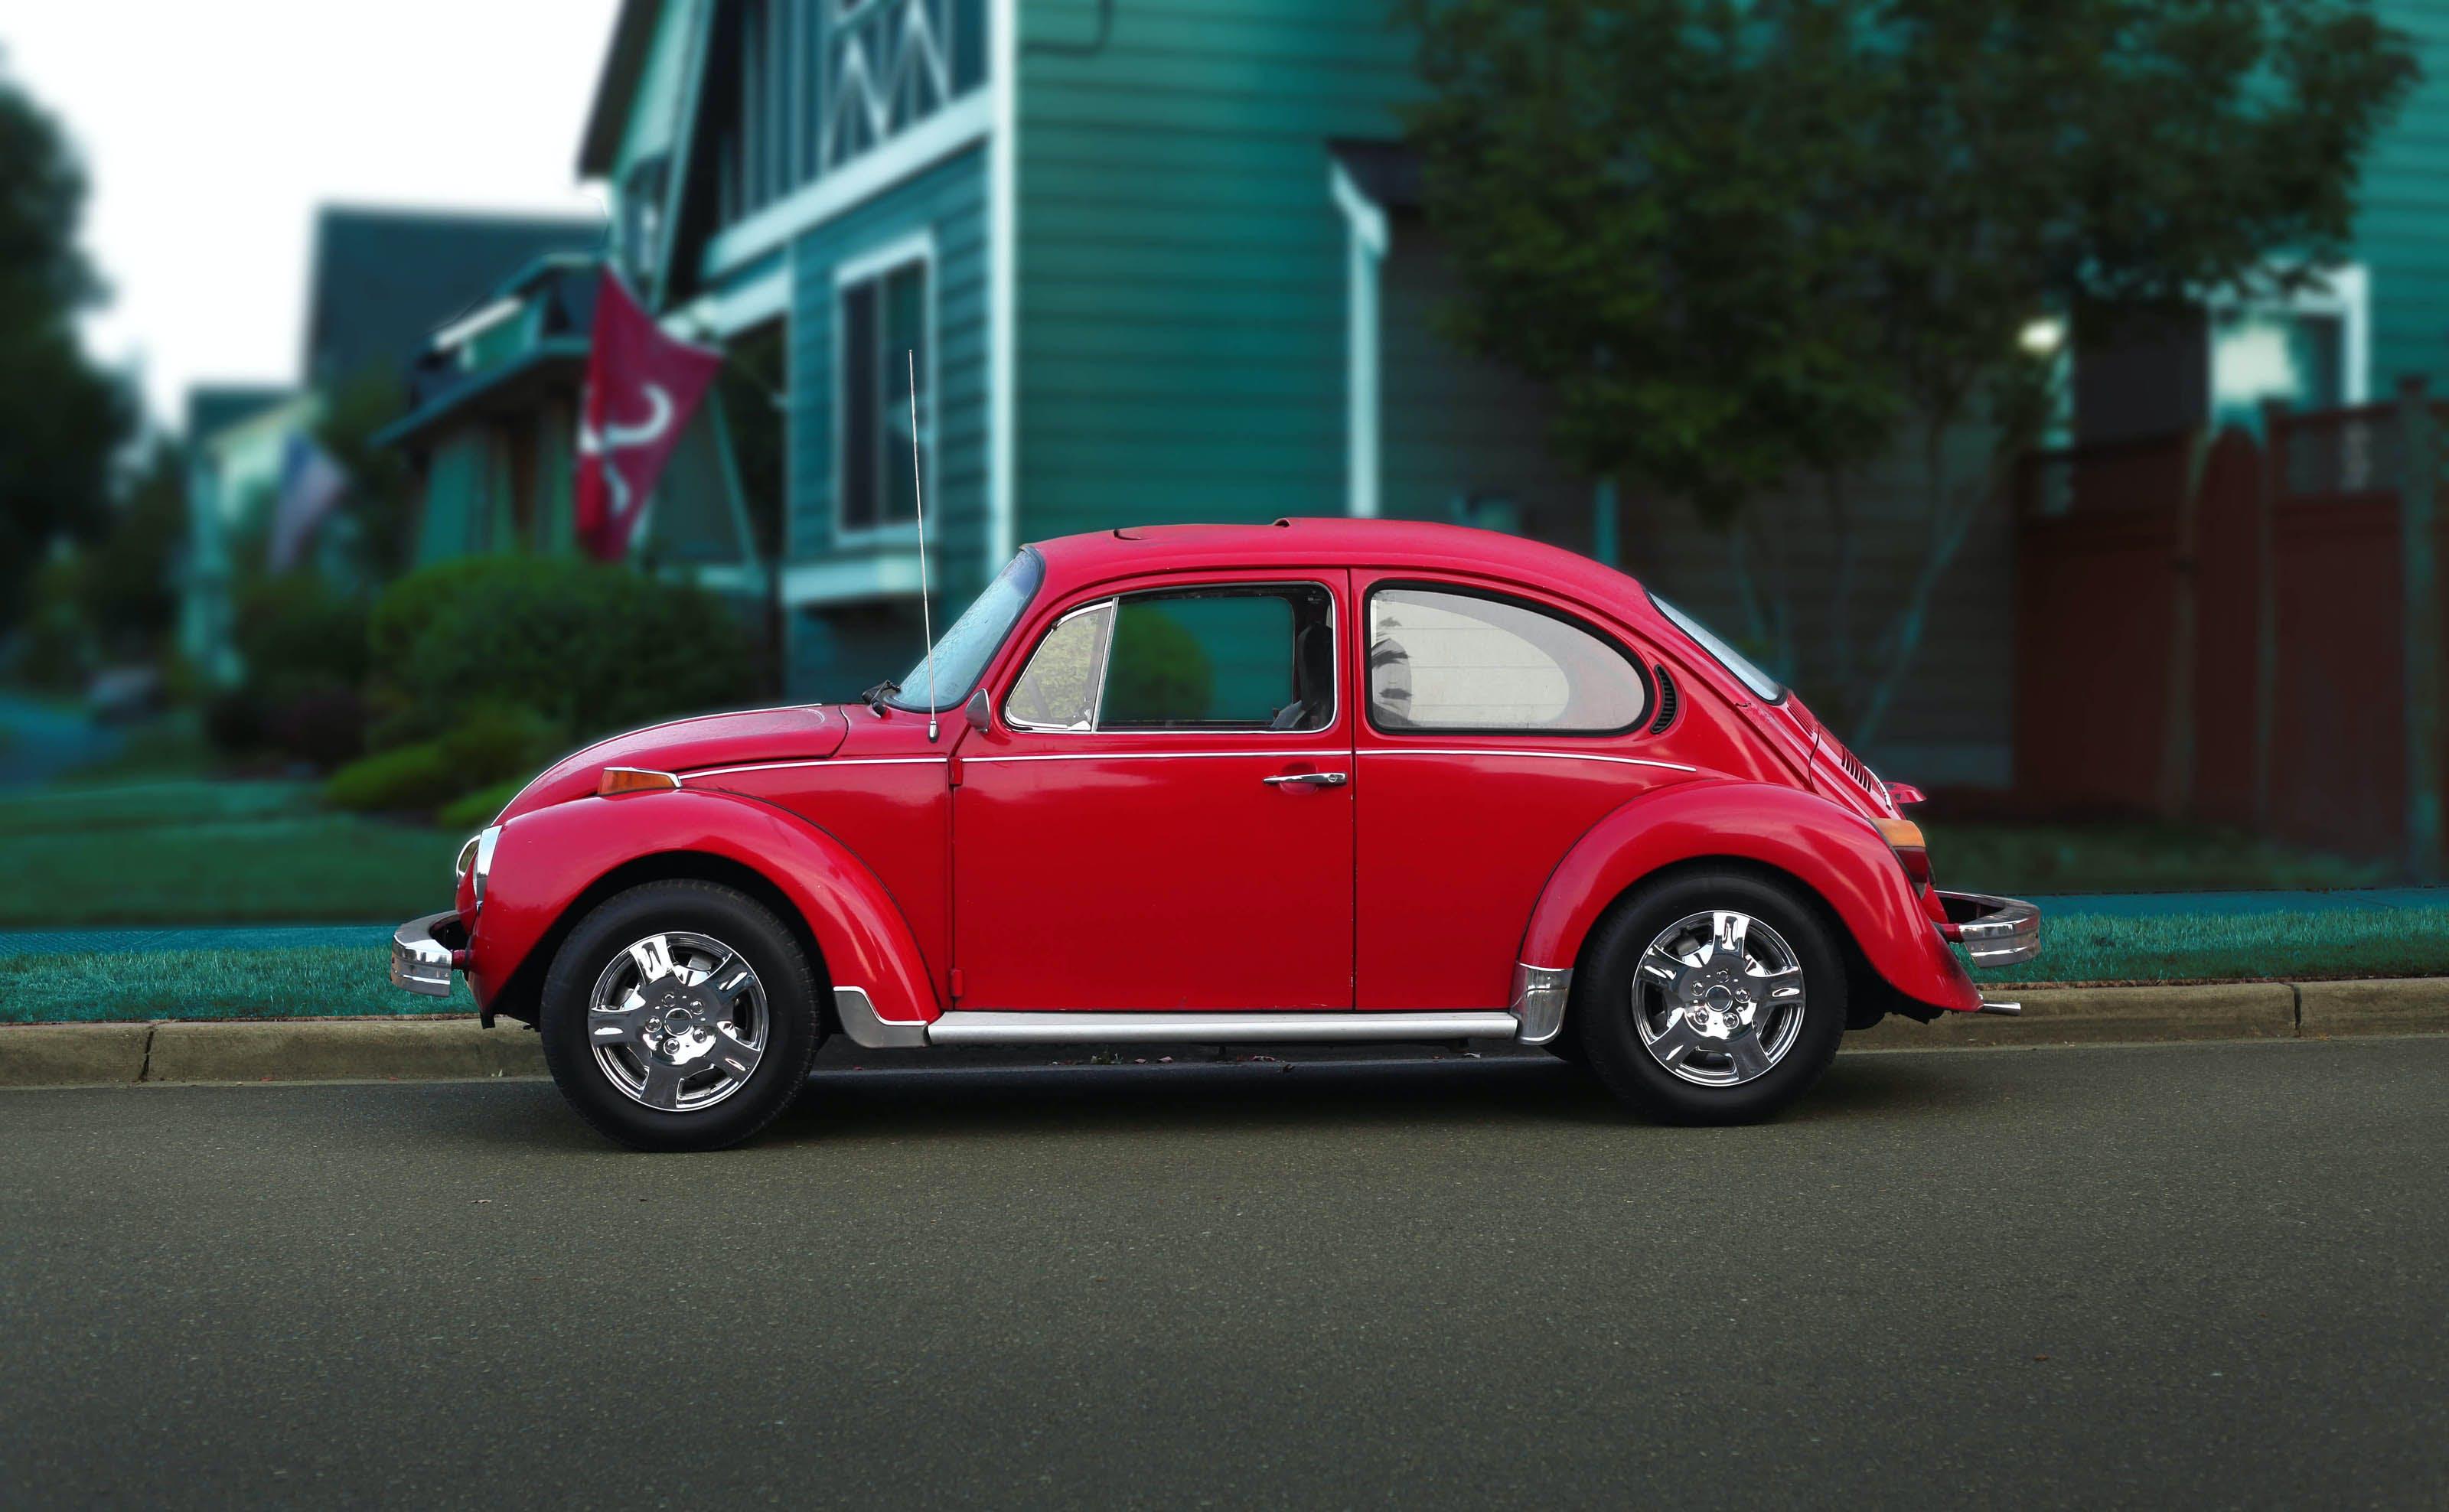 Red Volkswagen Beetle On Road